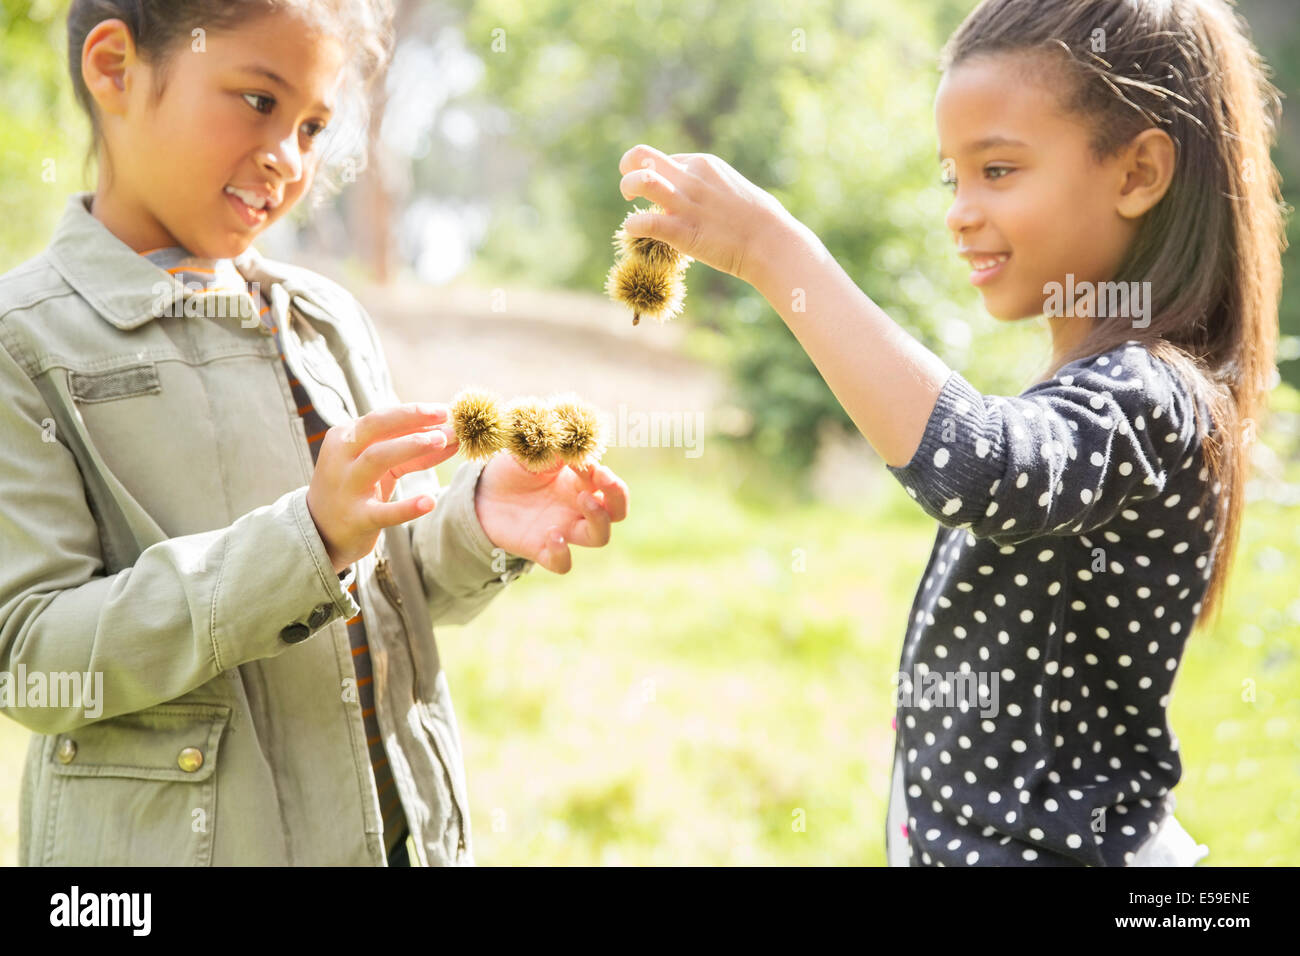 Bambini esaminando piante all'aperto Immagini Stock